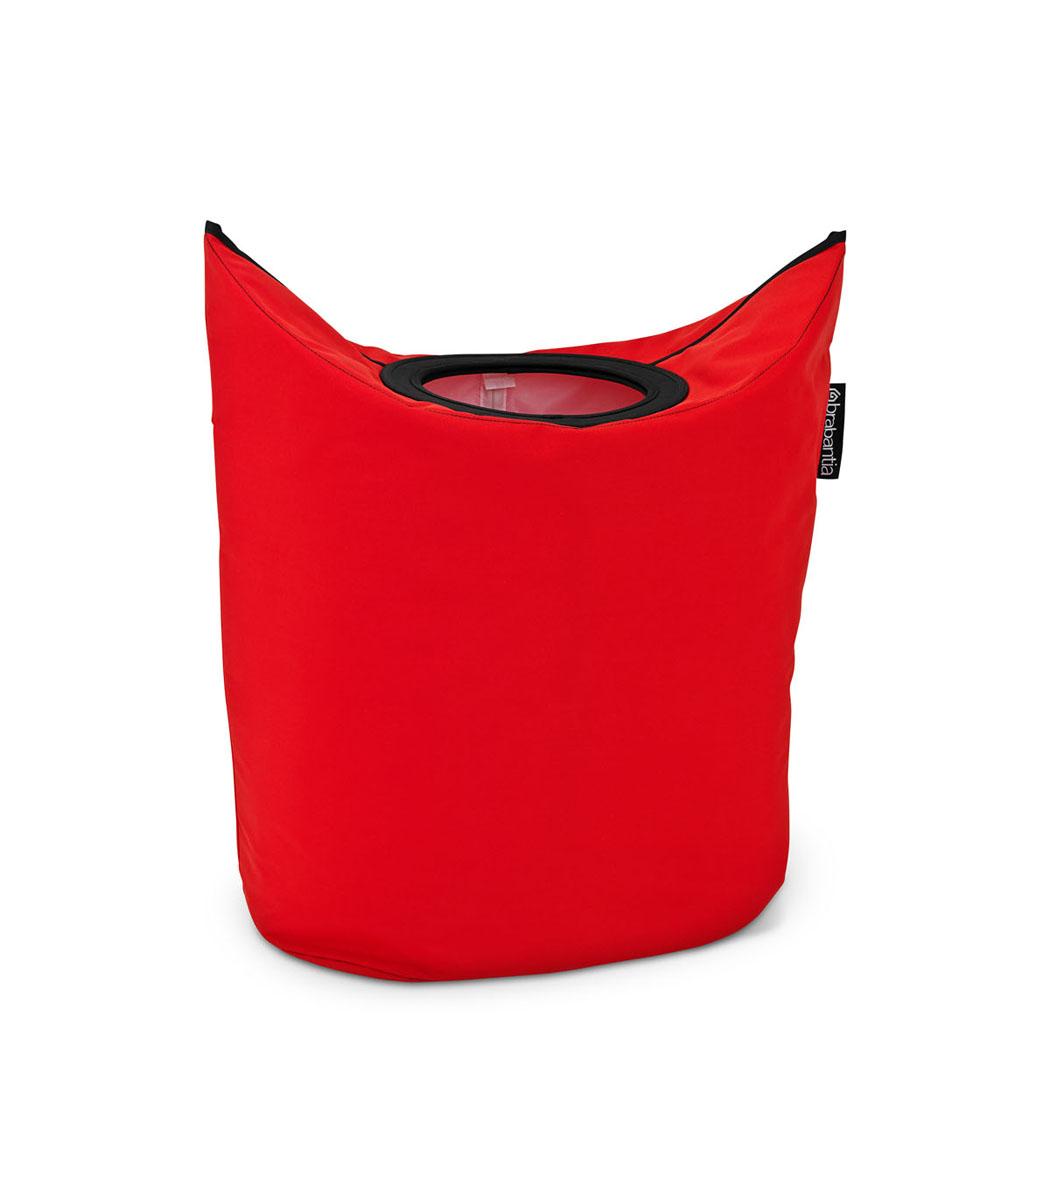 Сумка для белья Brabantia, овальная, цвет: красный, 50 л. 101144101144Оригинальная сумка для белья экономит место и превращает вашу стирку в увлекательное занятие. С помощью складывающихся магнитных ручек сумка закрывается и превращается в корзину для белья с загрузочным отверстием. Собрались стирать? Поднимите ручки, и ваша сумка готова к использованию. Загрузочное отверстие для быстрой загрузки белья просто сложите магнитные ручки.Большие удобные ручки для переноски. Удобно загружать белье в стиральную машину - большая вместимость и широкое отверстие. 2 года гарантии Brabantia.